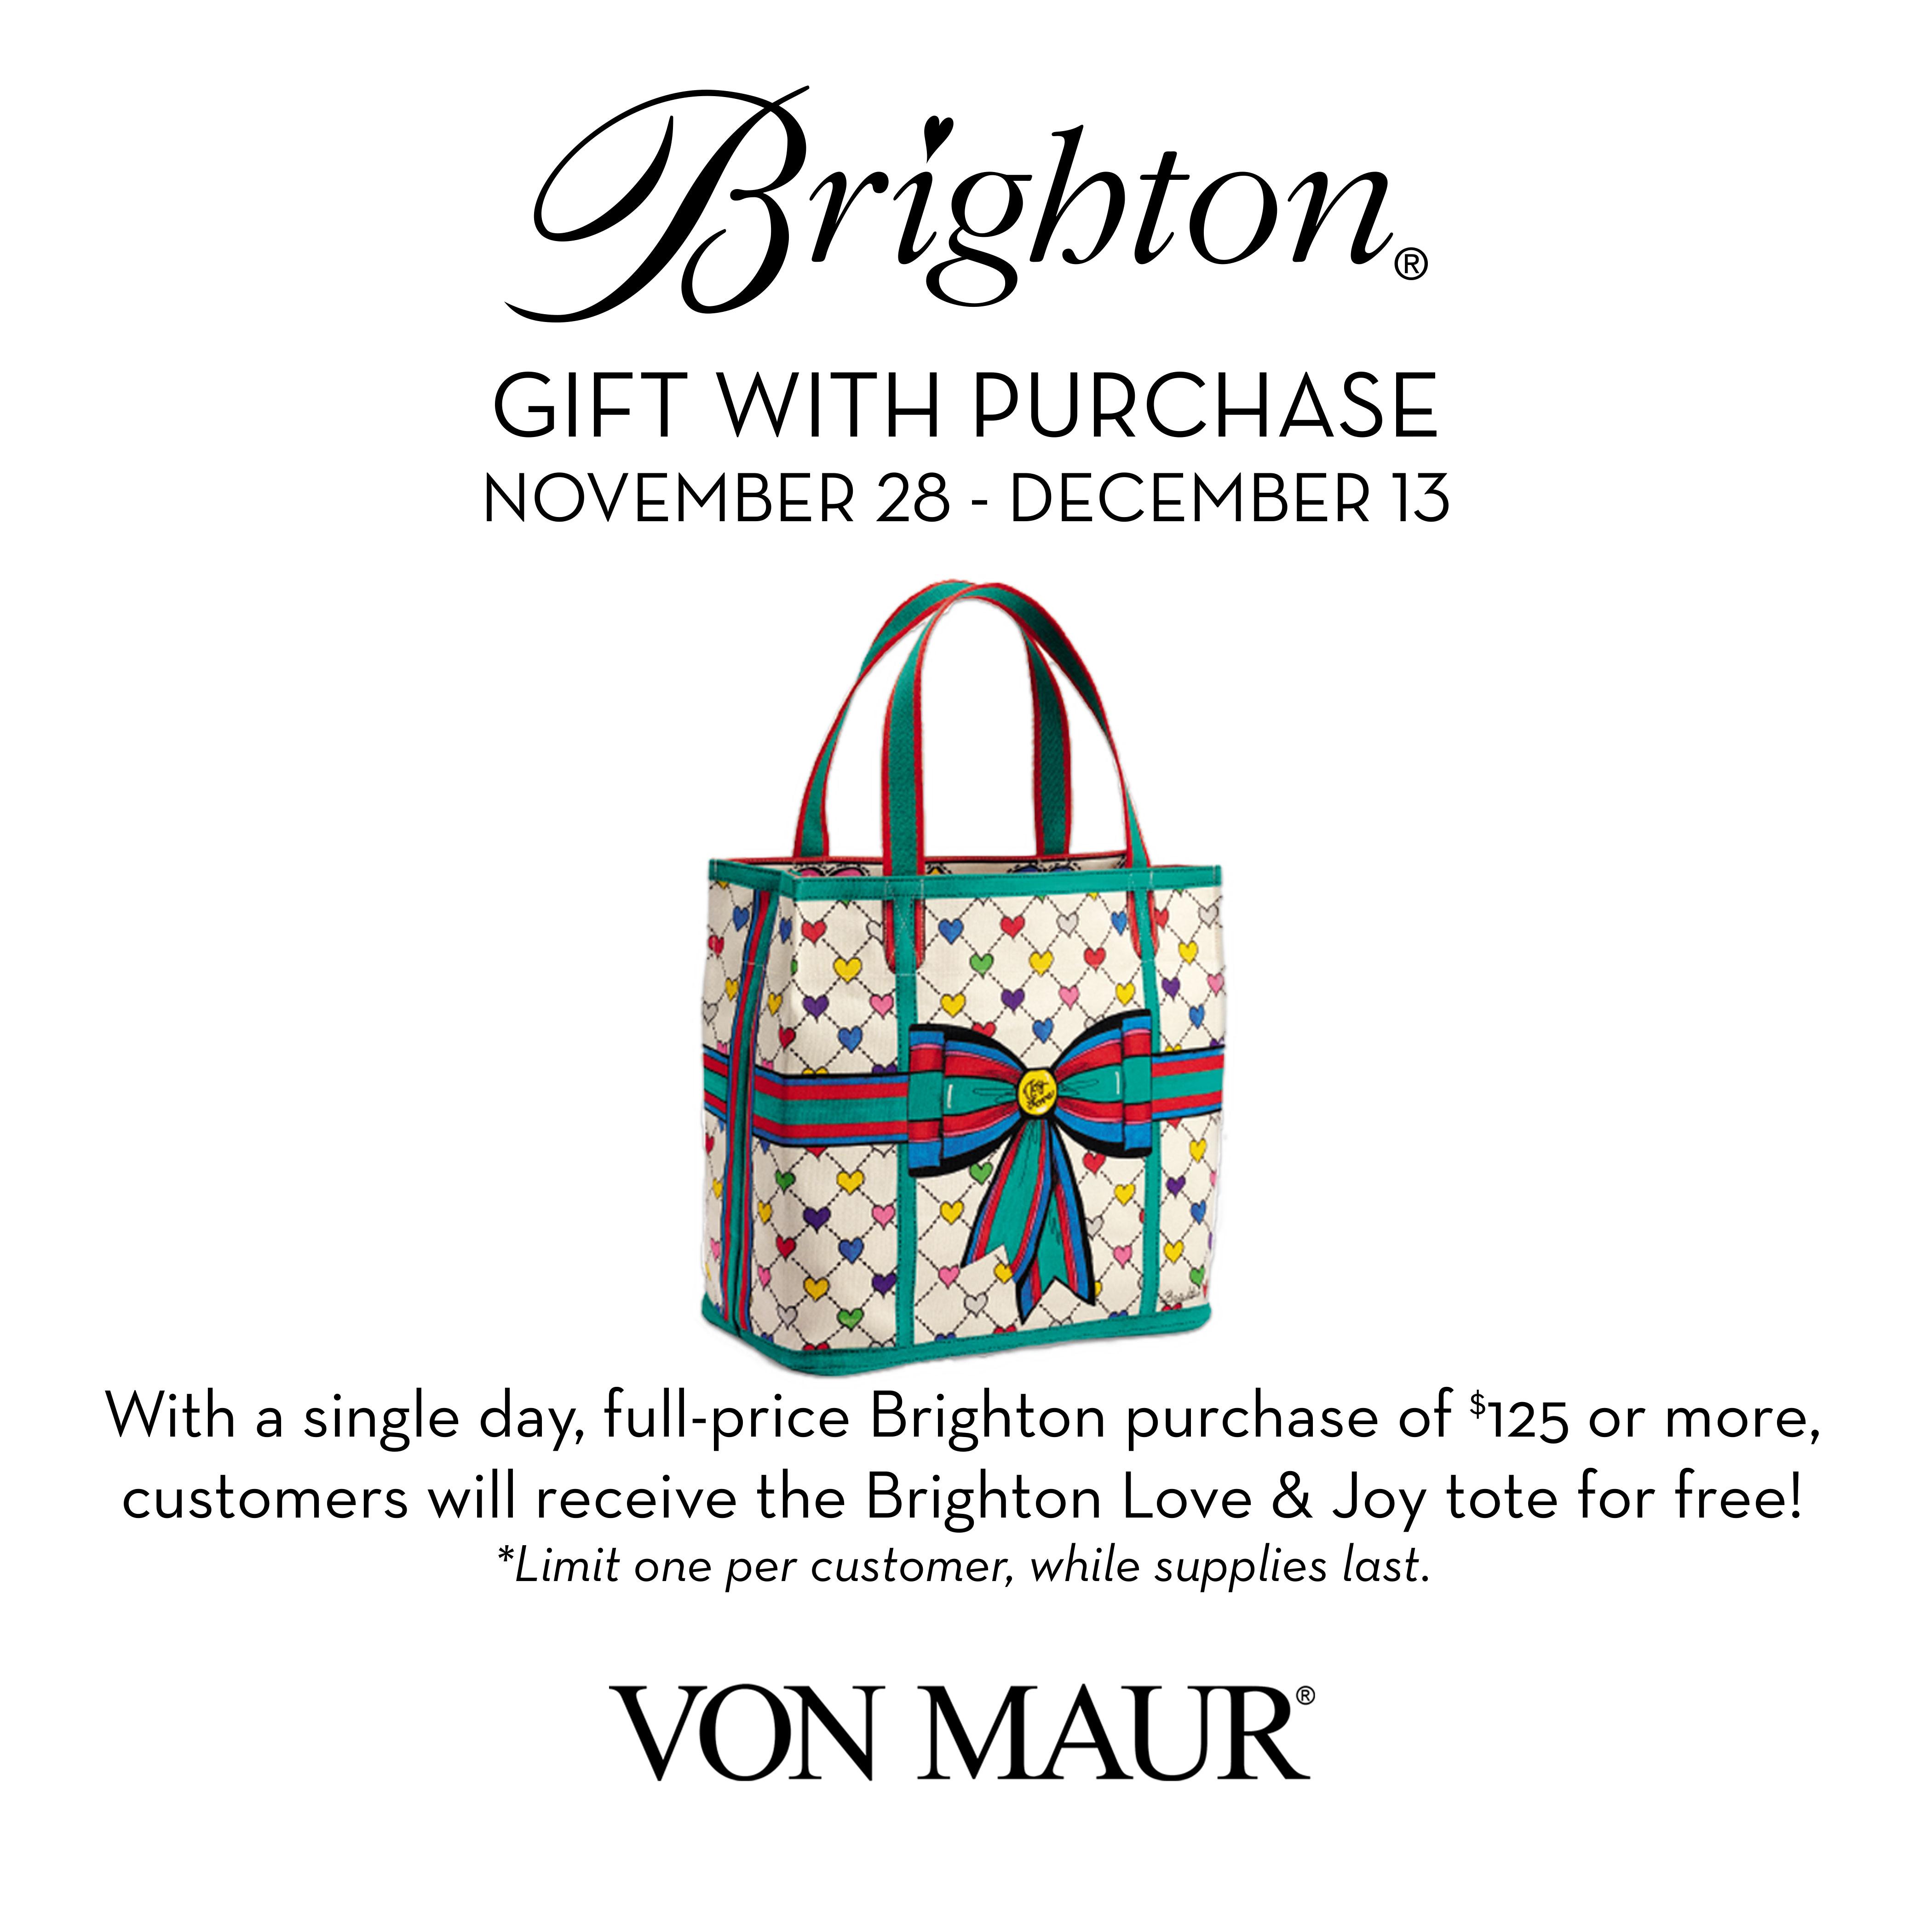 Get a Free Brighton Love & Joy Tote